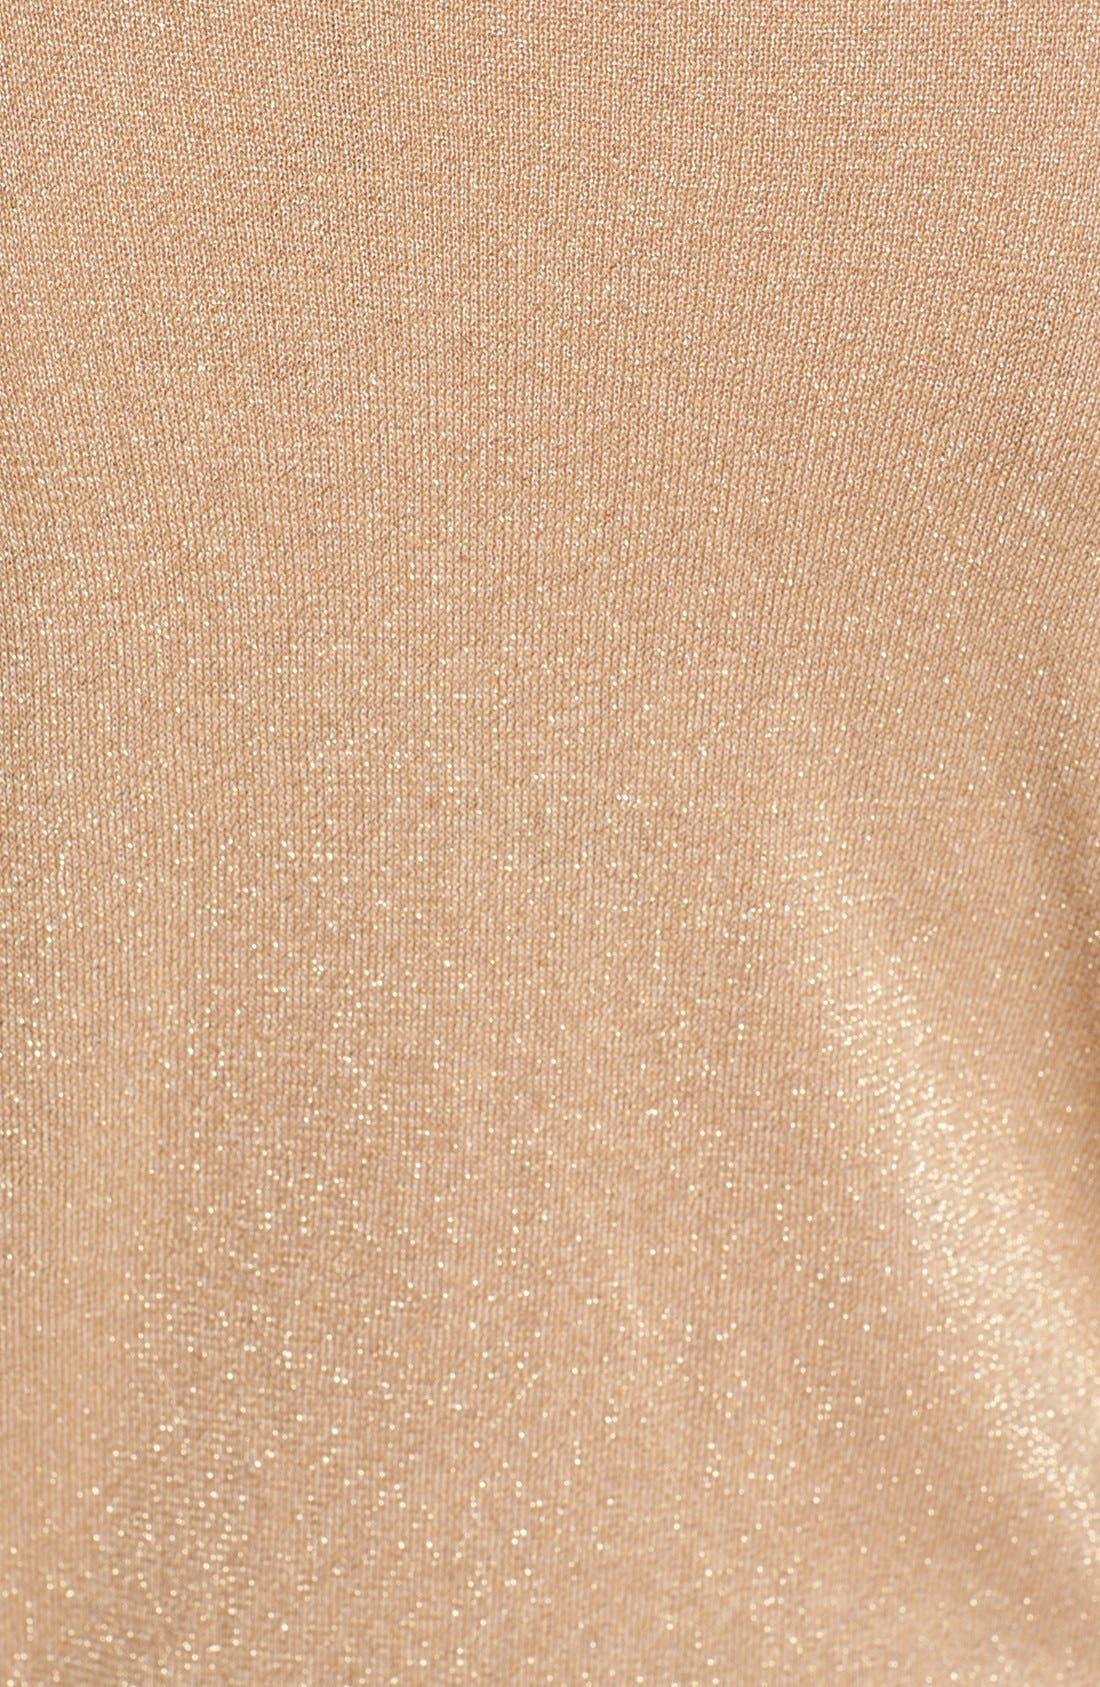 Alternate Image 3  - MICHAEL Michael Kors Studded Sleeve Metallic Sweater (Petite)